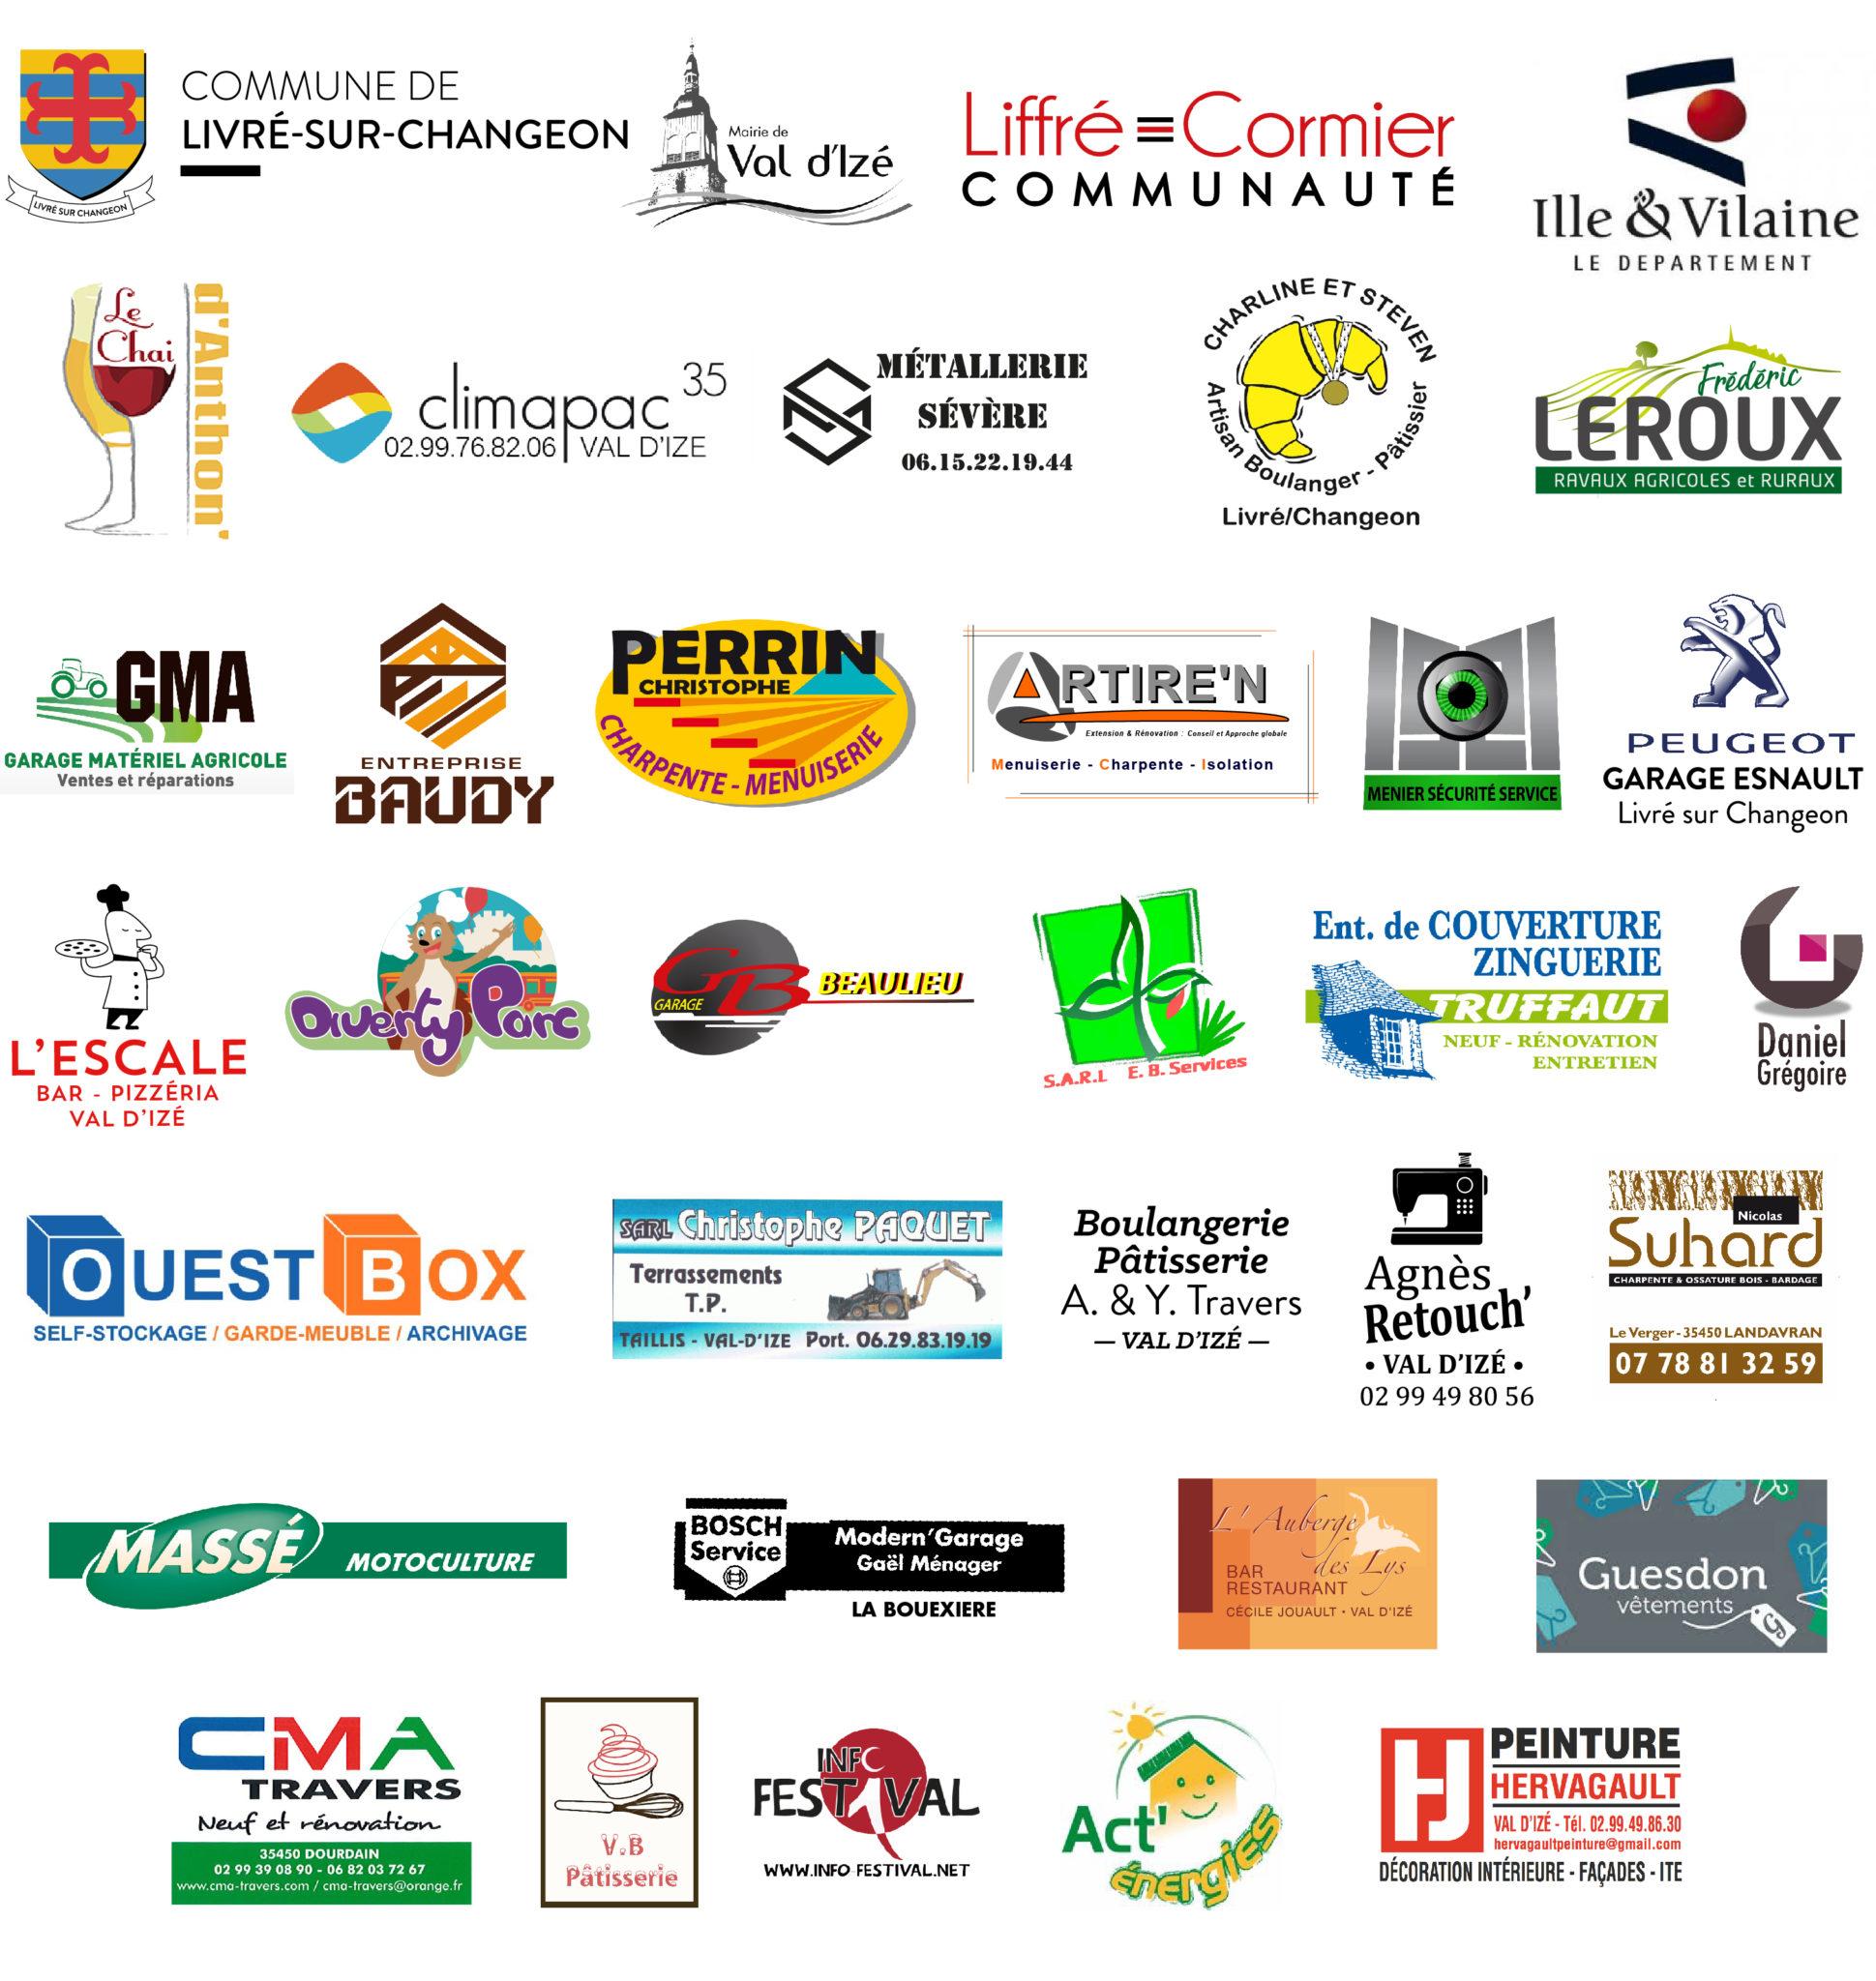 Livré sur Changeon / Val d'Izé / Chai d'Anthon / Massé Motoculture